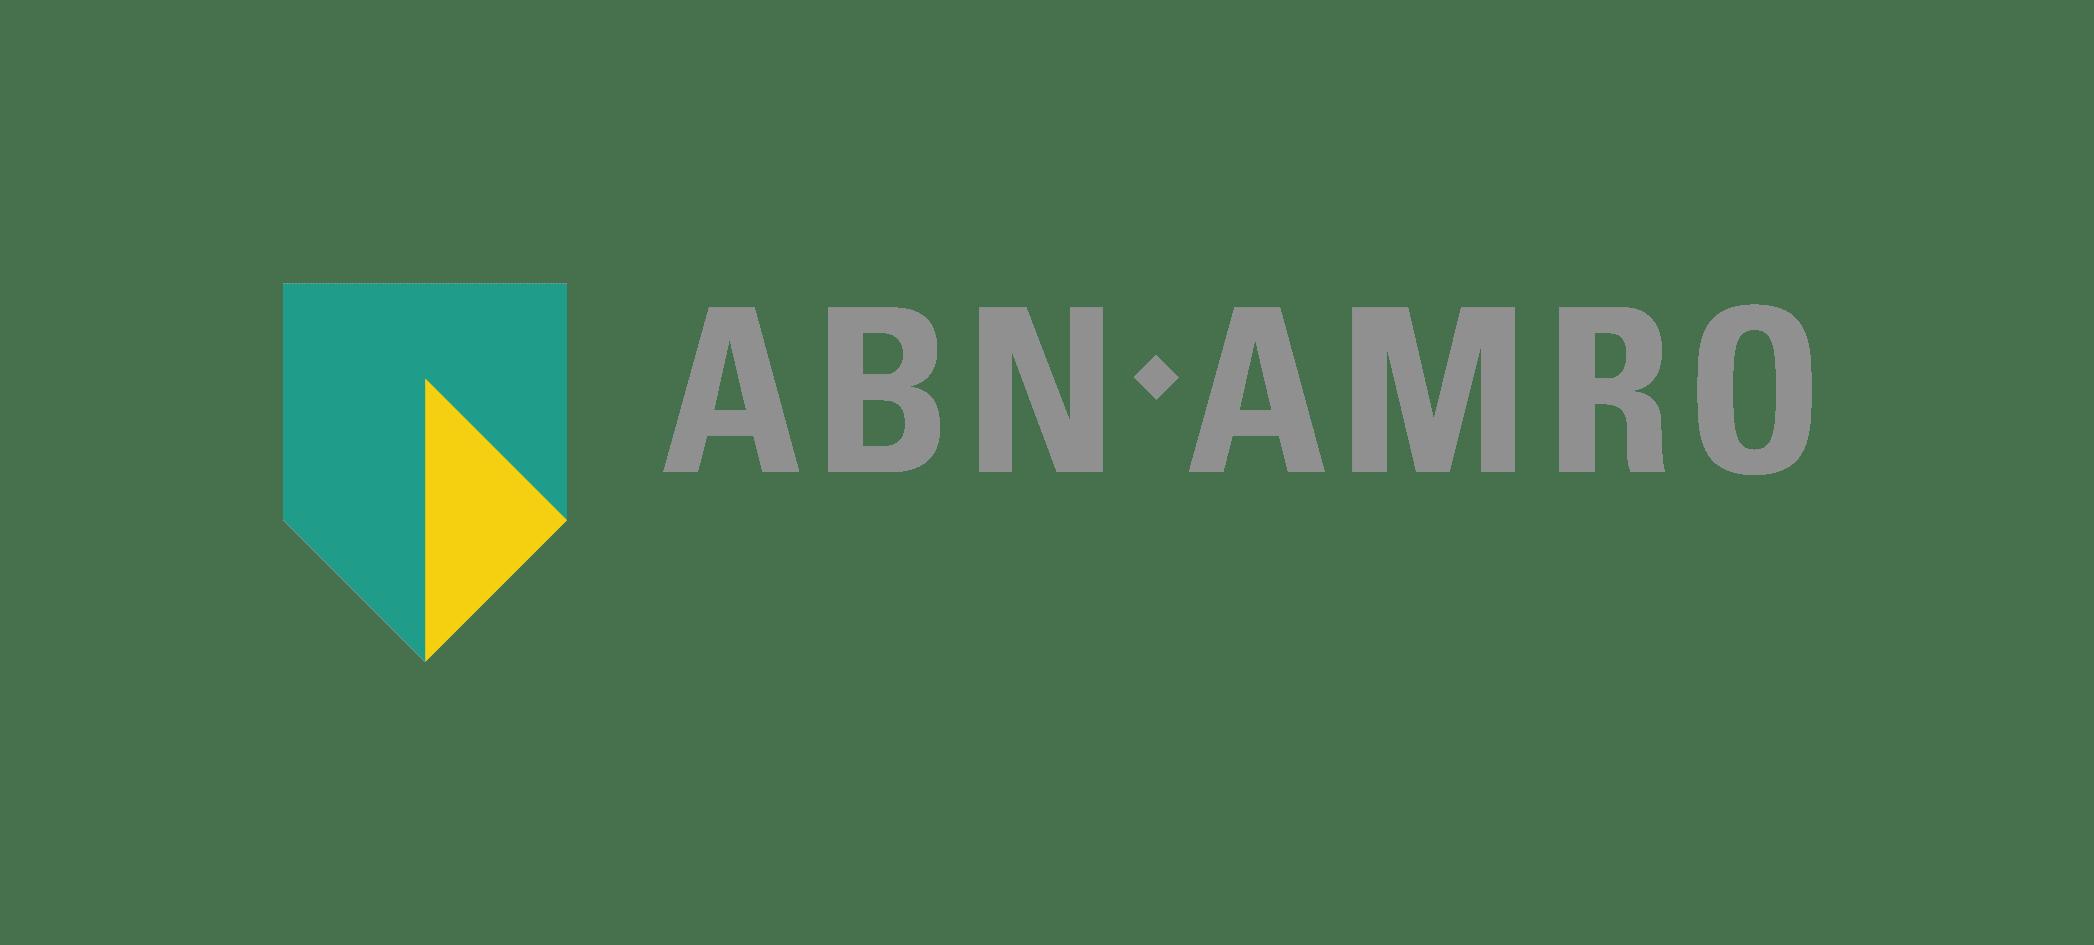 https://ilfu-14c96.kxcdn.com/wp-content/uploads/2020/01/ABNAMRO_F_HR_L.png